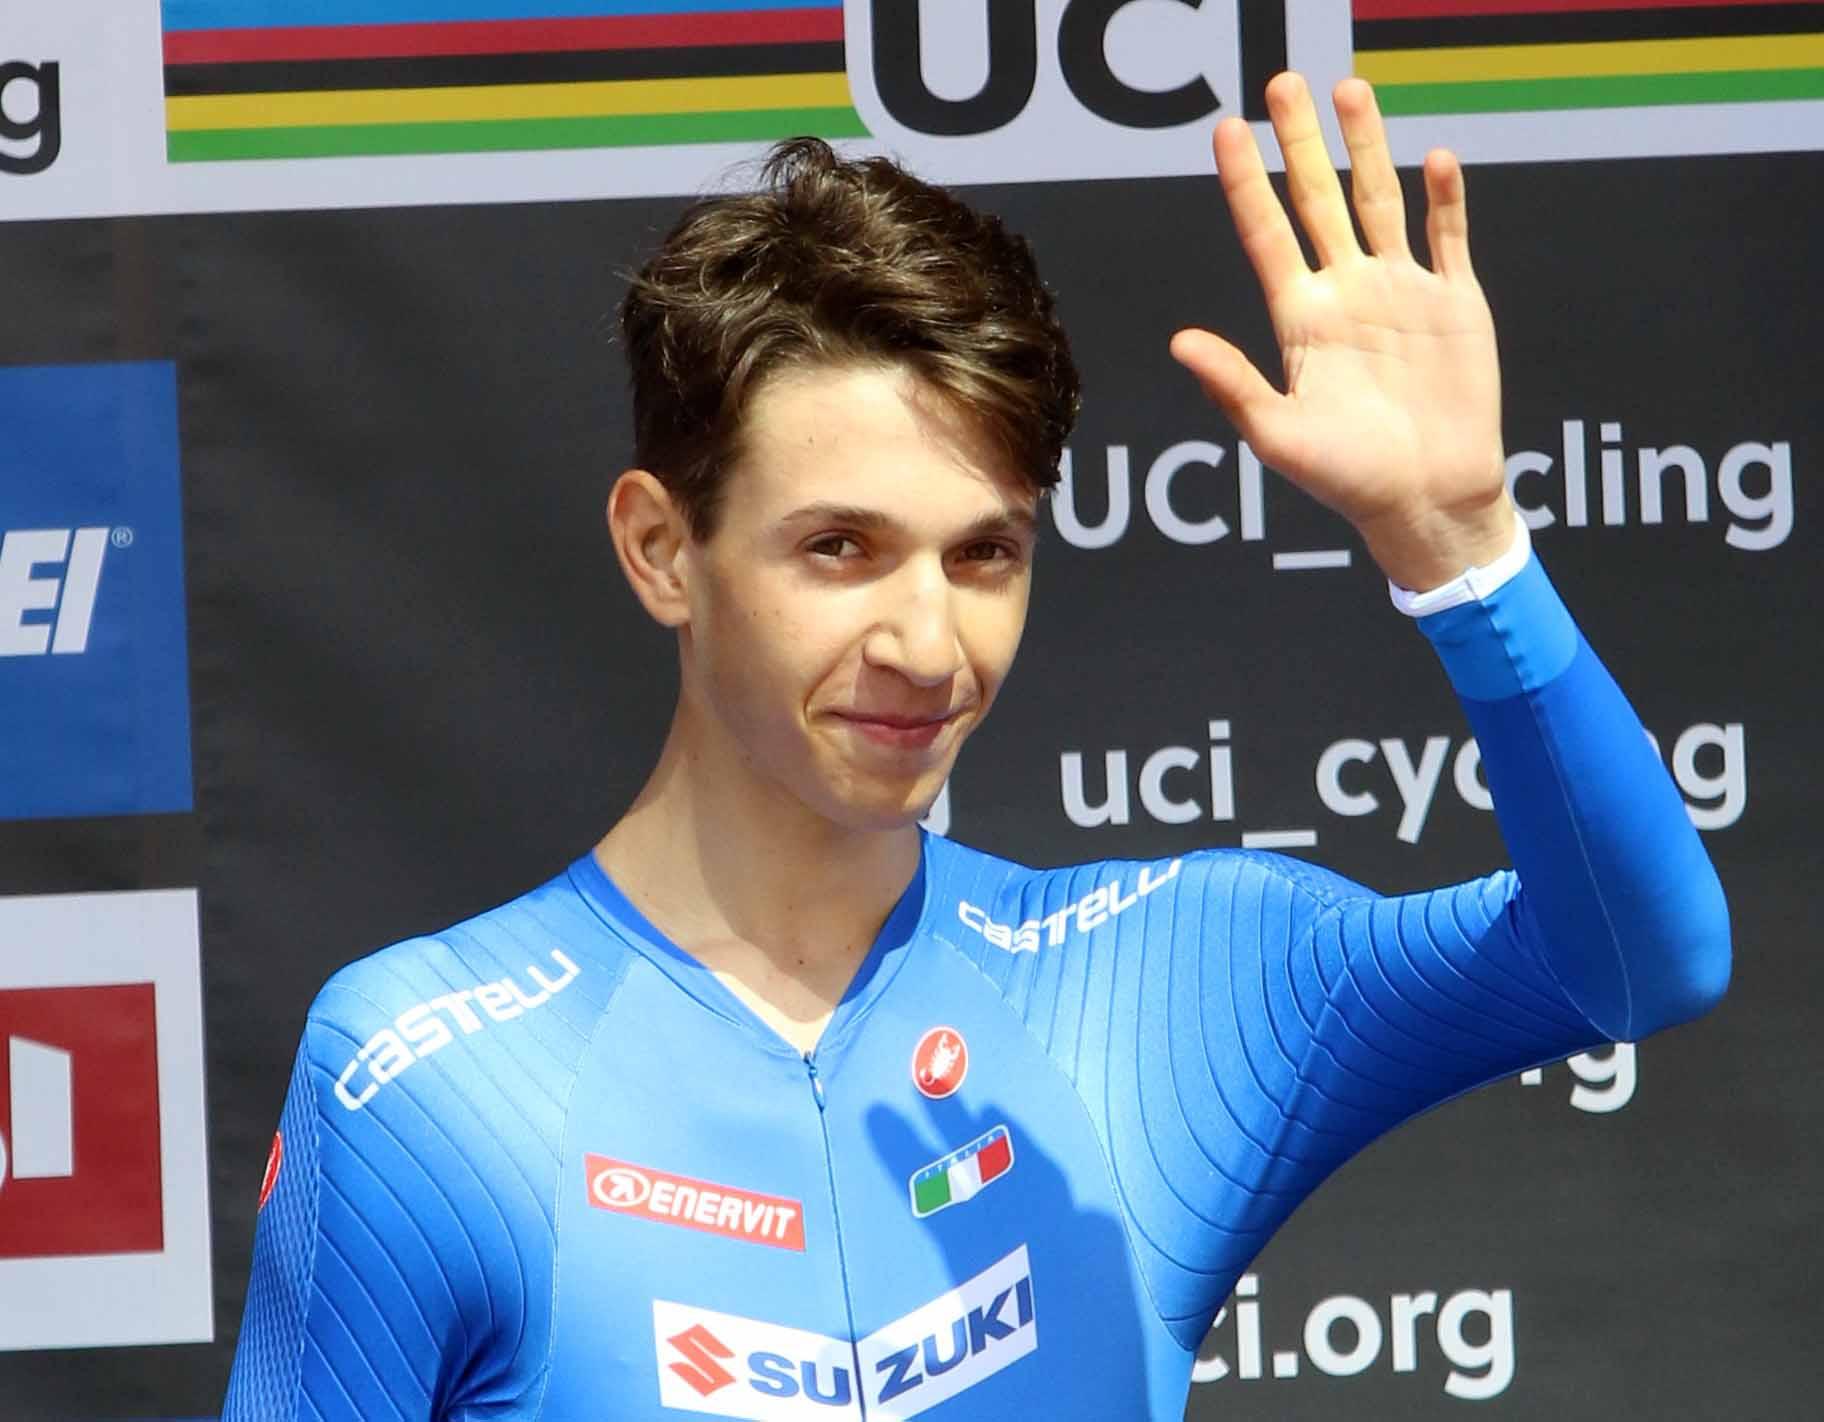 Andrea Piccolo regala all'Italia la medaglia di bronzo ai Mondiali cronometro Juniores